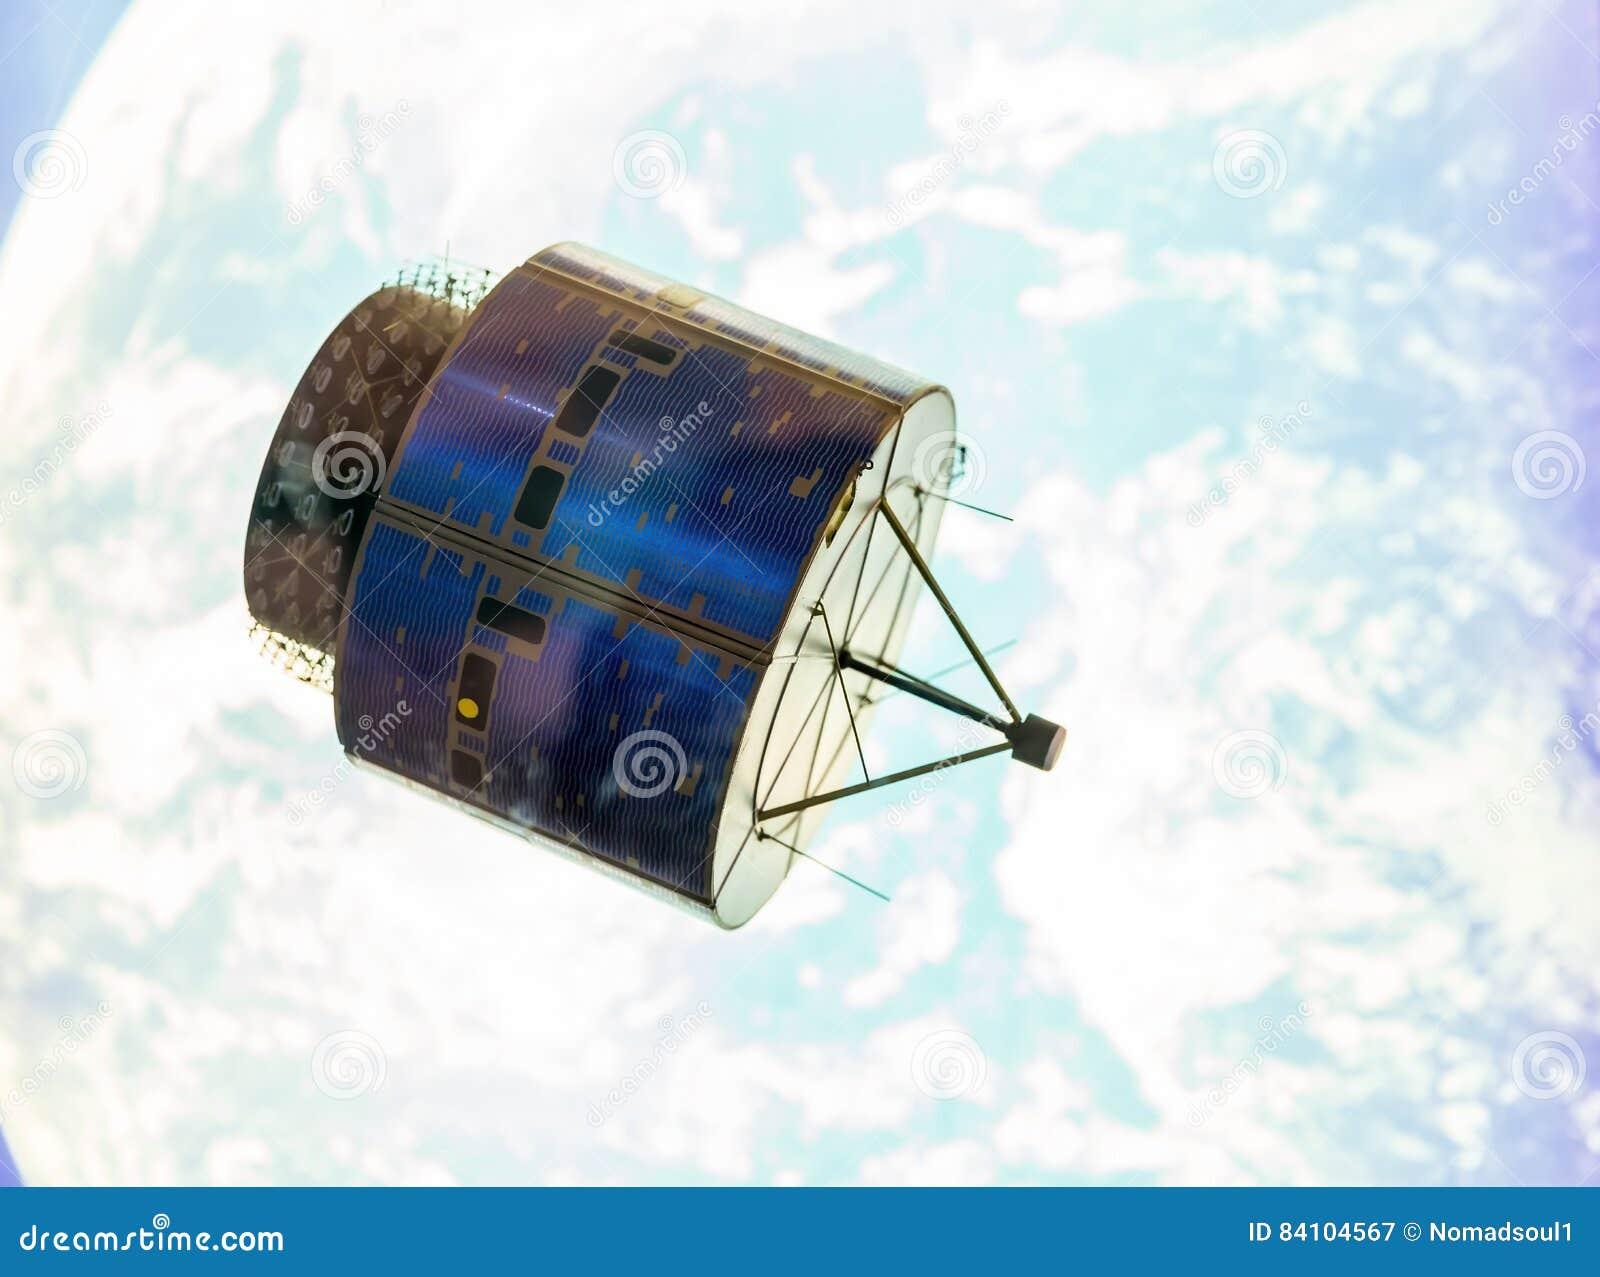 Satellit i utrymmeomlopp